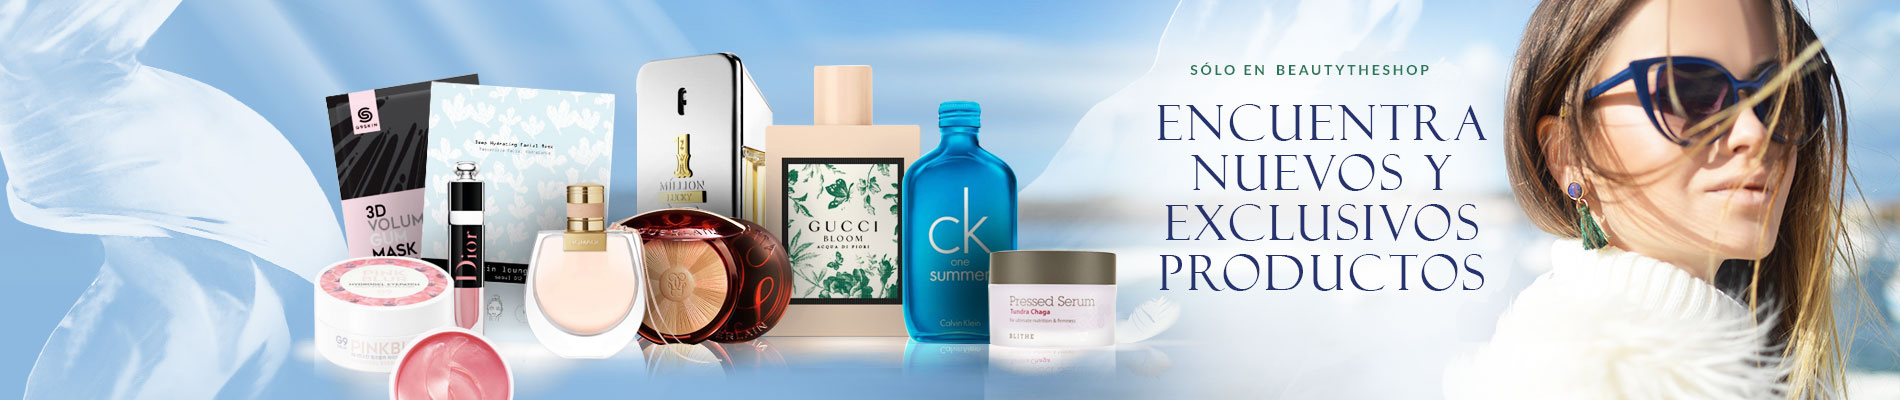 Empieza la primavera con nuestras nuevas marcas exclusivas